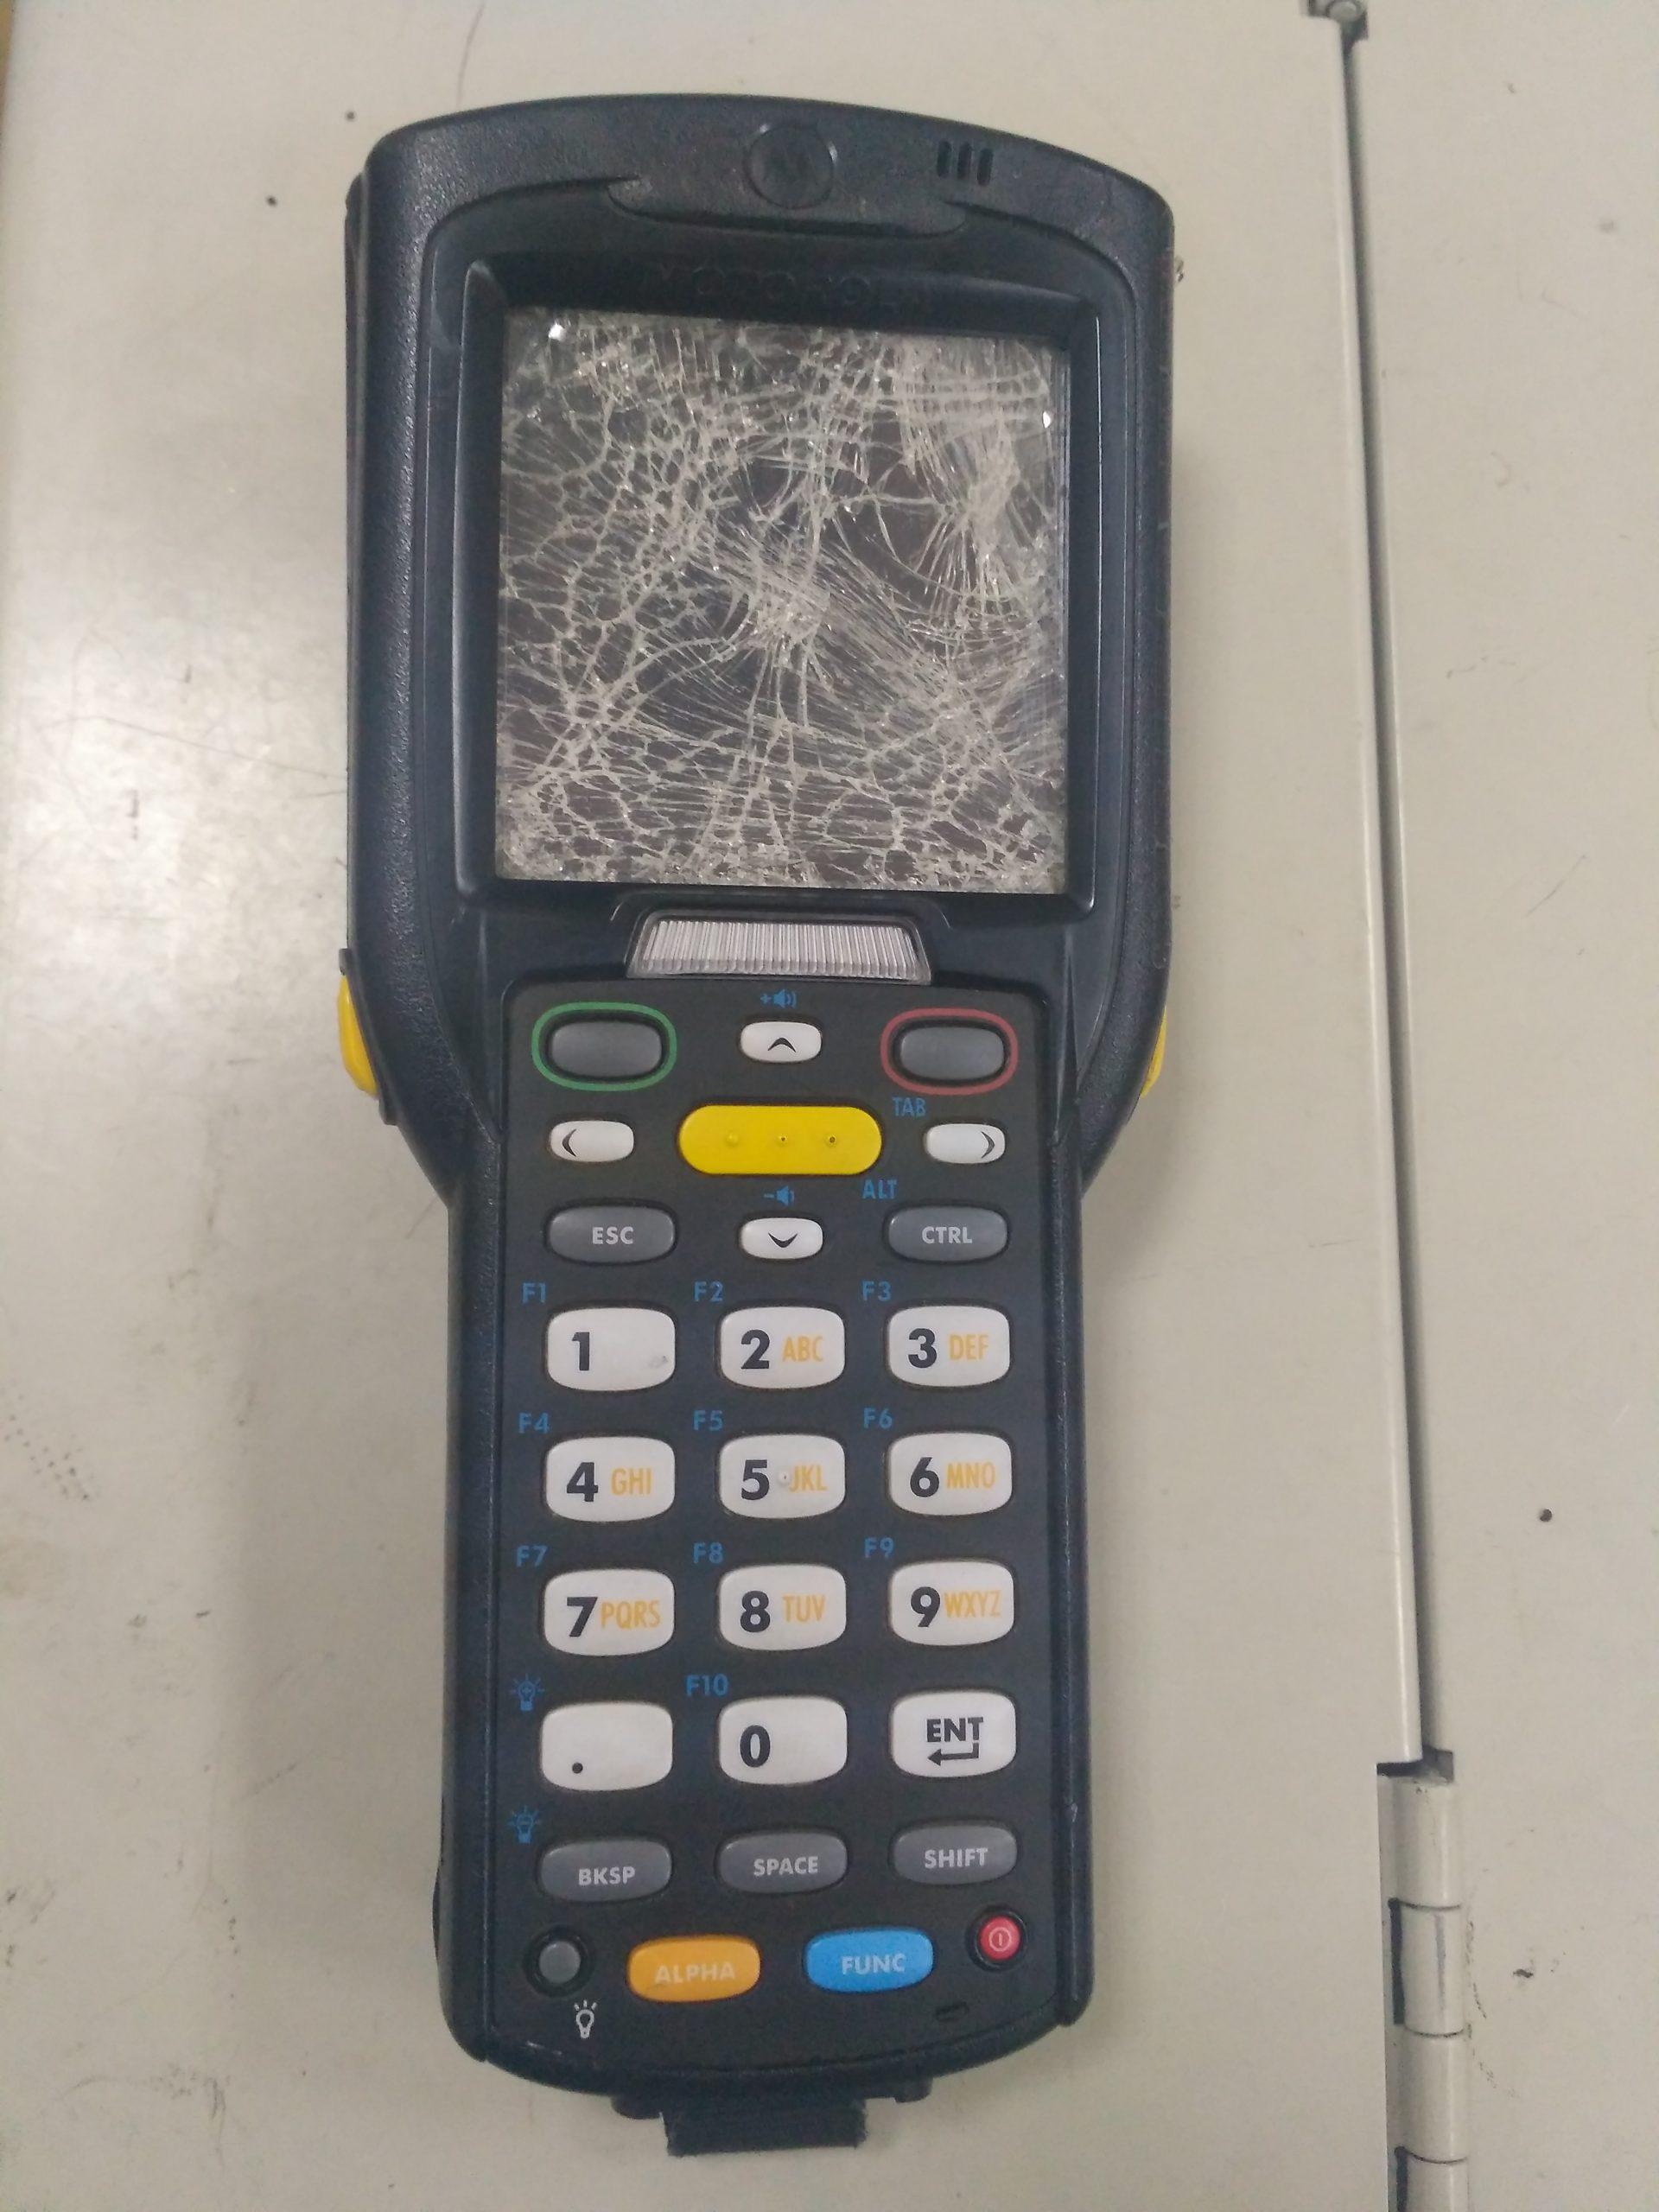 Разбит экран на ТСД. Все ли так однозначно?